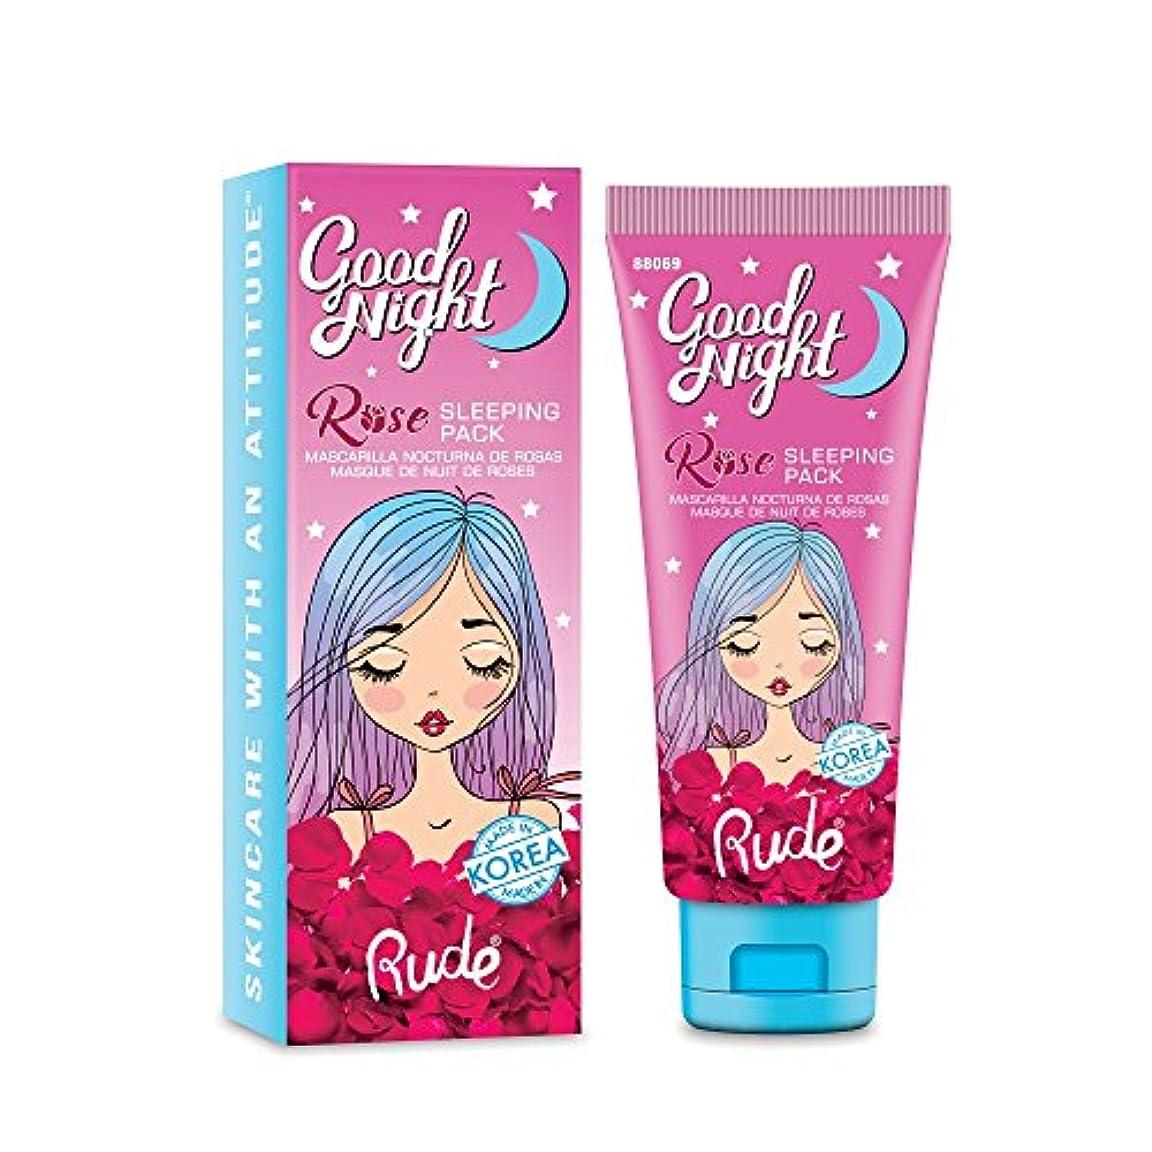 コンチネンタル最小フットボール(3 Pack) RUDE Good Night Rose Sleeping Pack (並行輸入品)